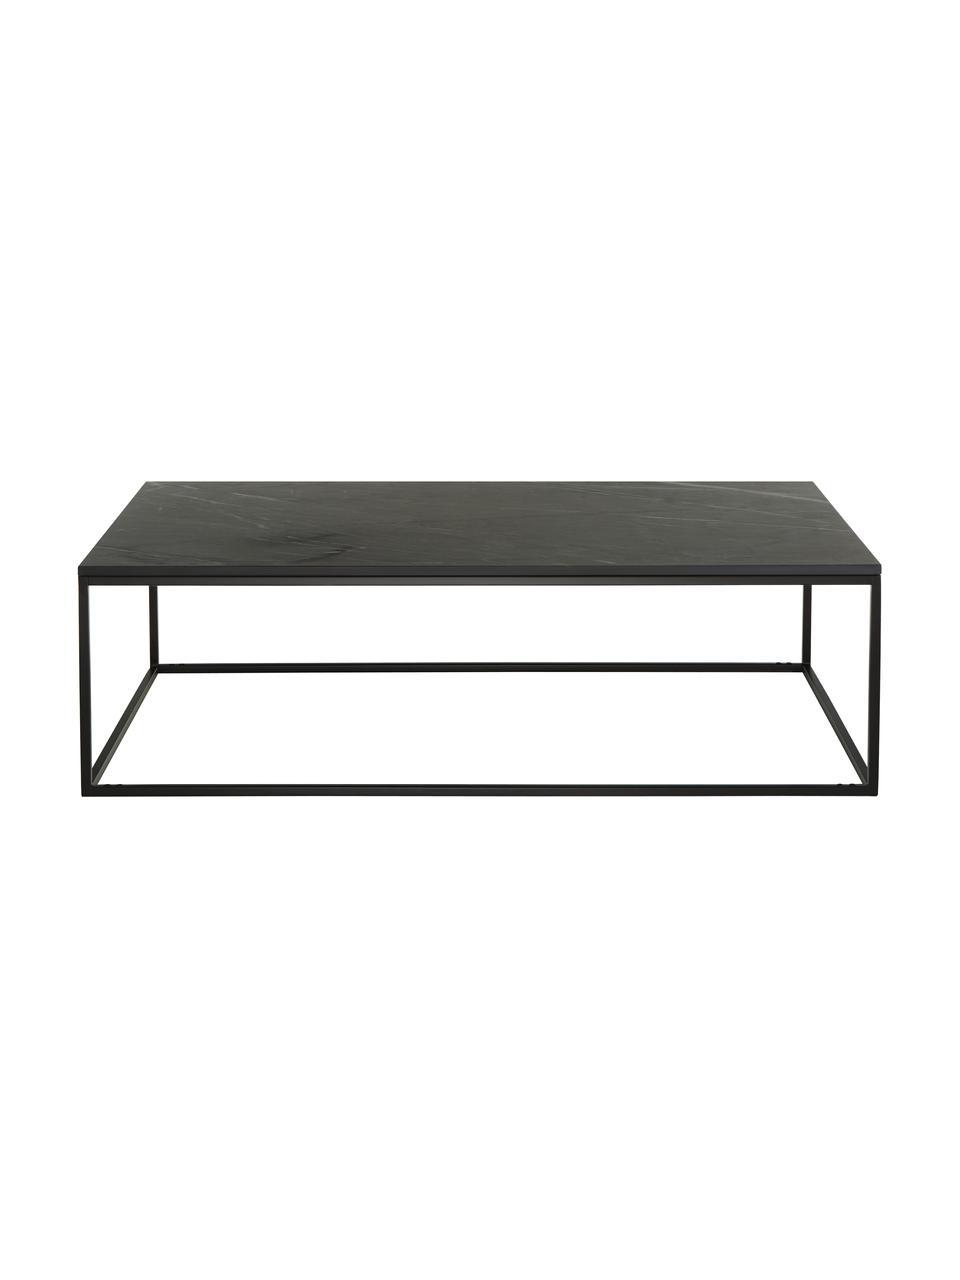 Tavolino da salotto con piano in marmo Alys, Piano d'appoggio: marmo, Struttura: metallo verniciato a polv, Marmo nero, nero, Larg. 120 x Alt. 35 cm